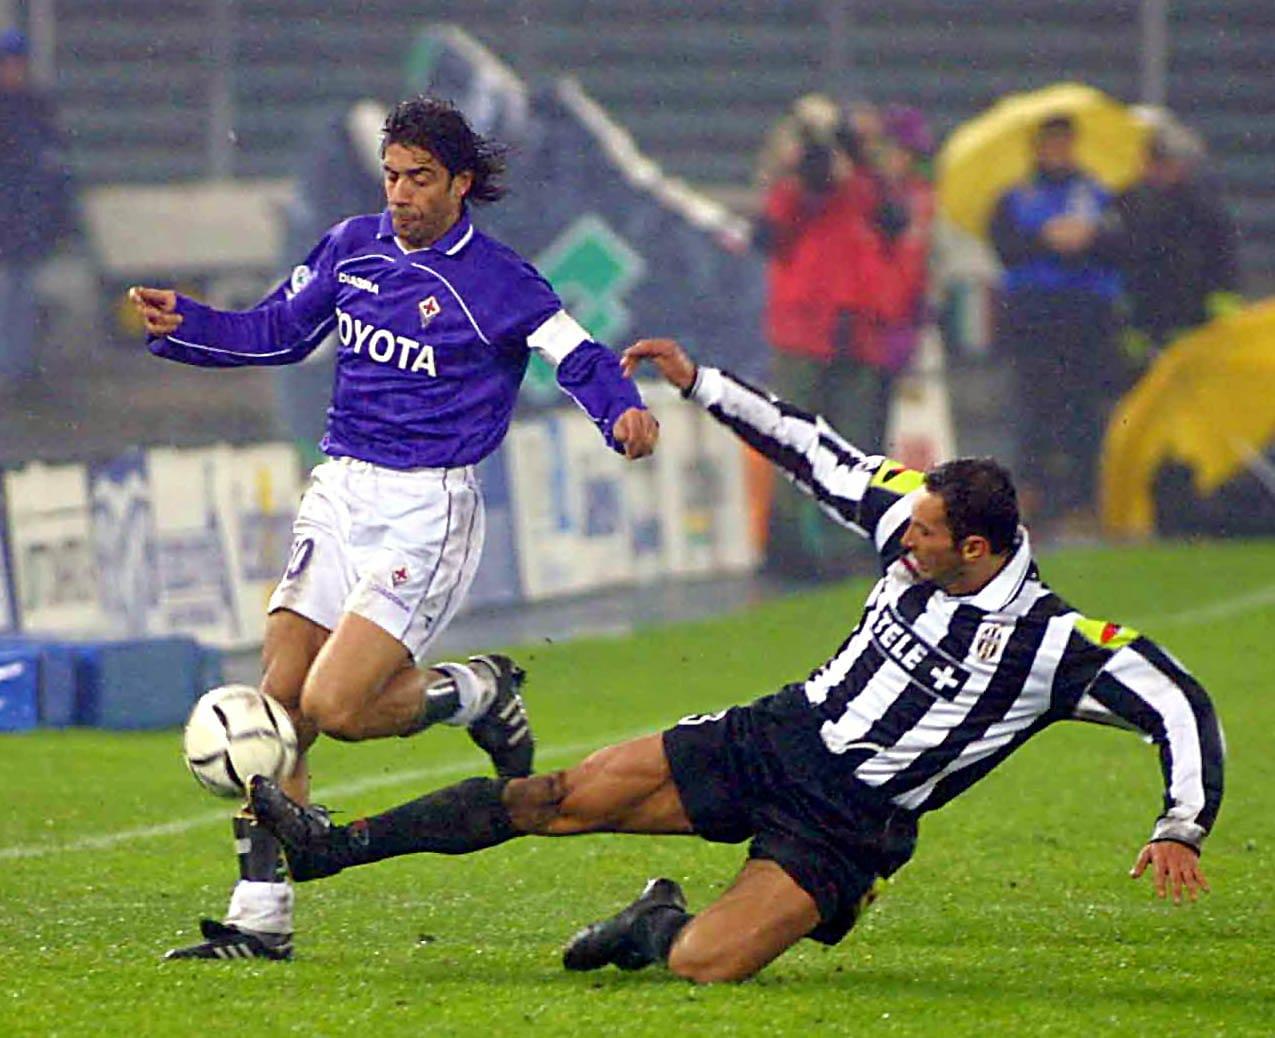 Juve-Fiorentina: le immagini più belle delle partite giocate a Torino